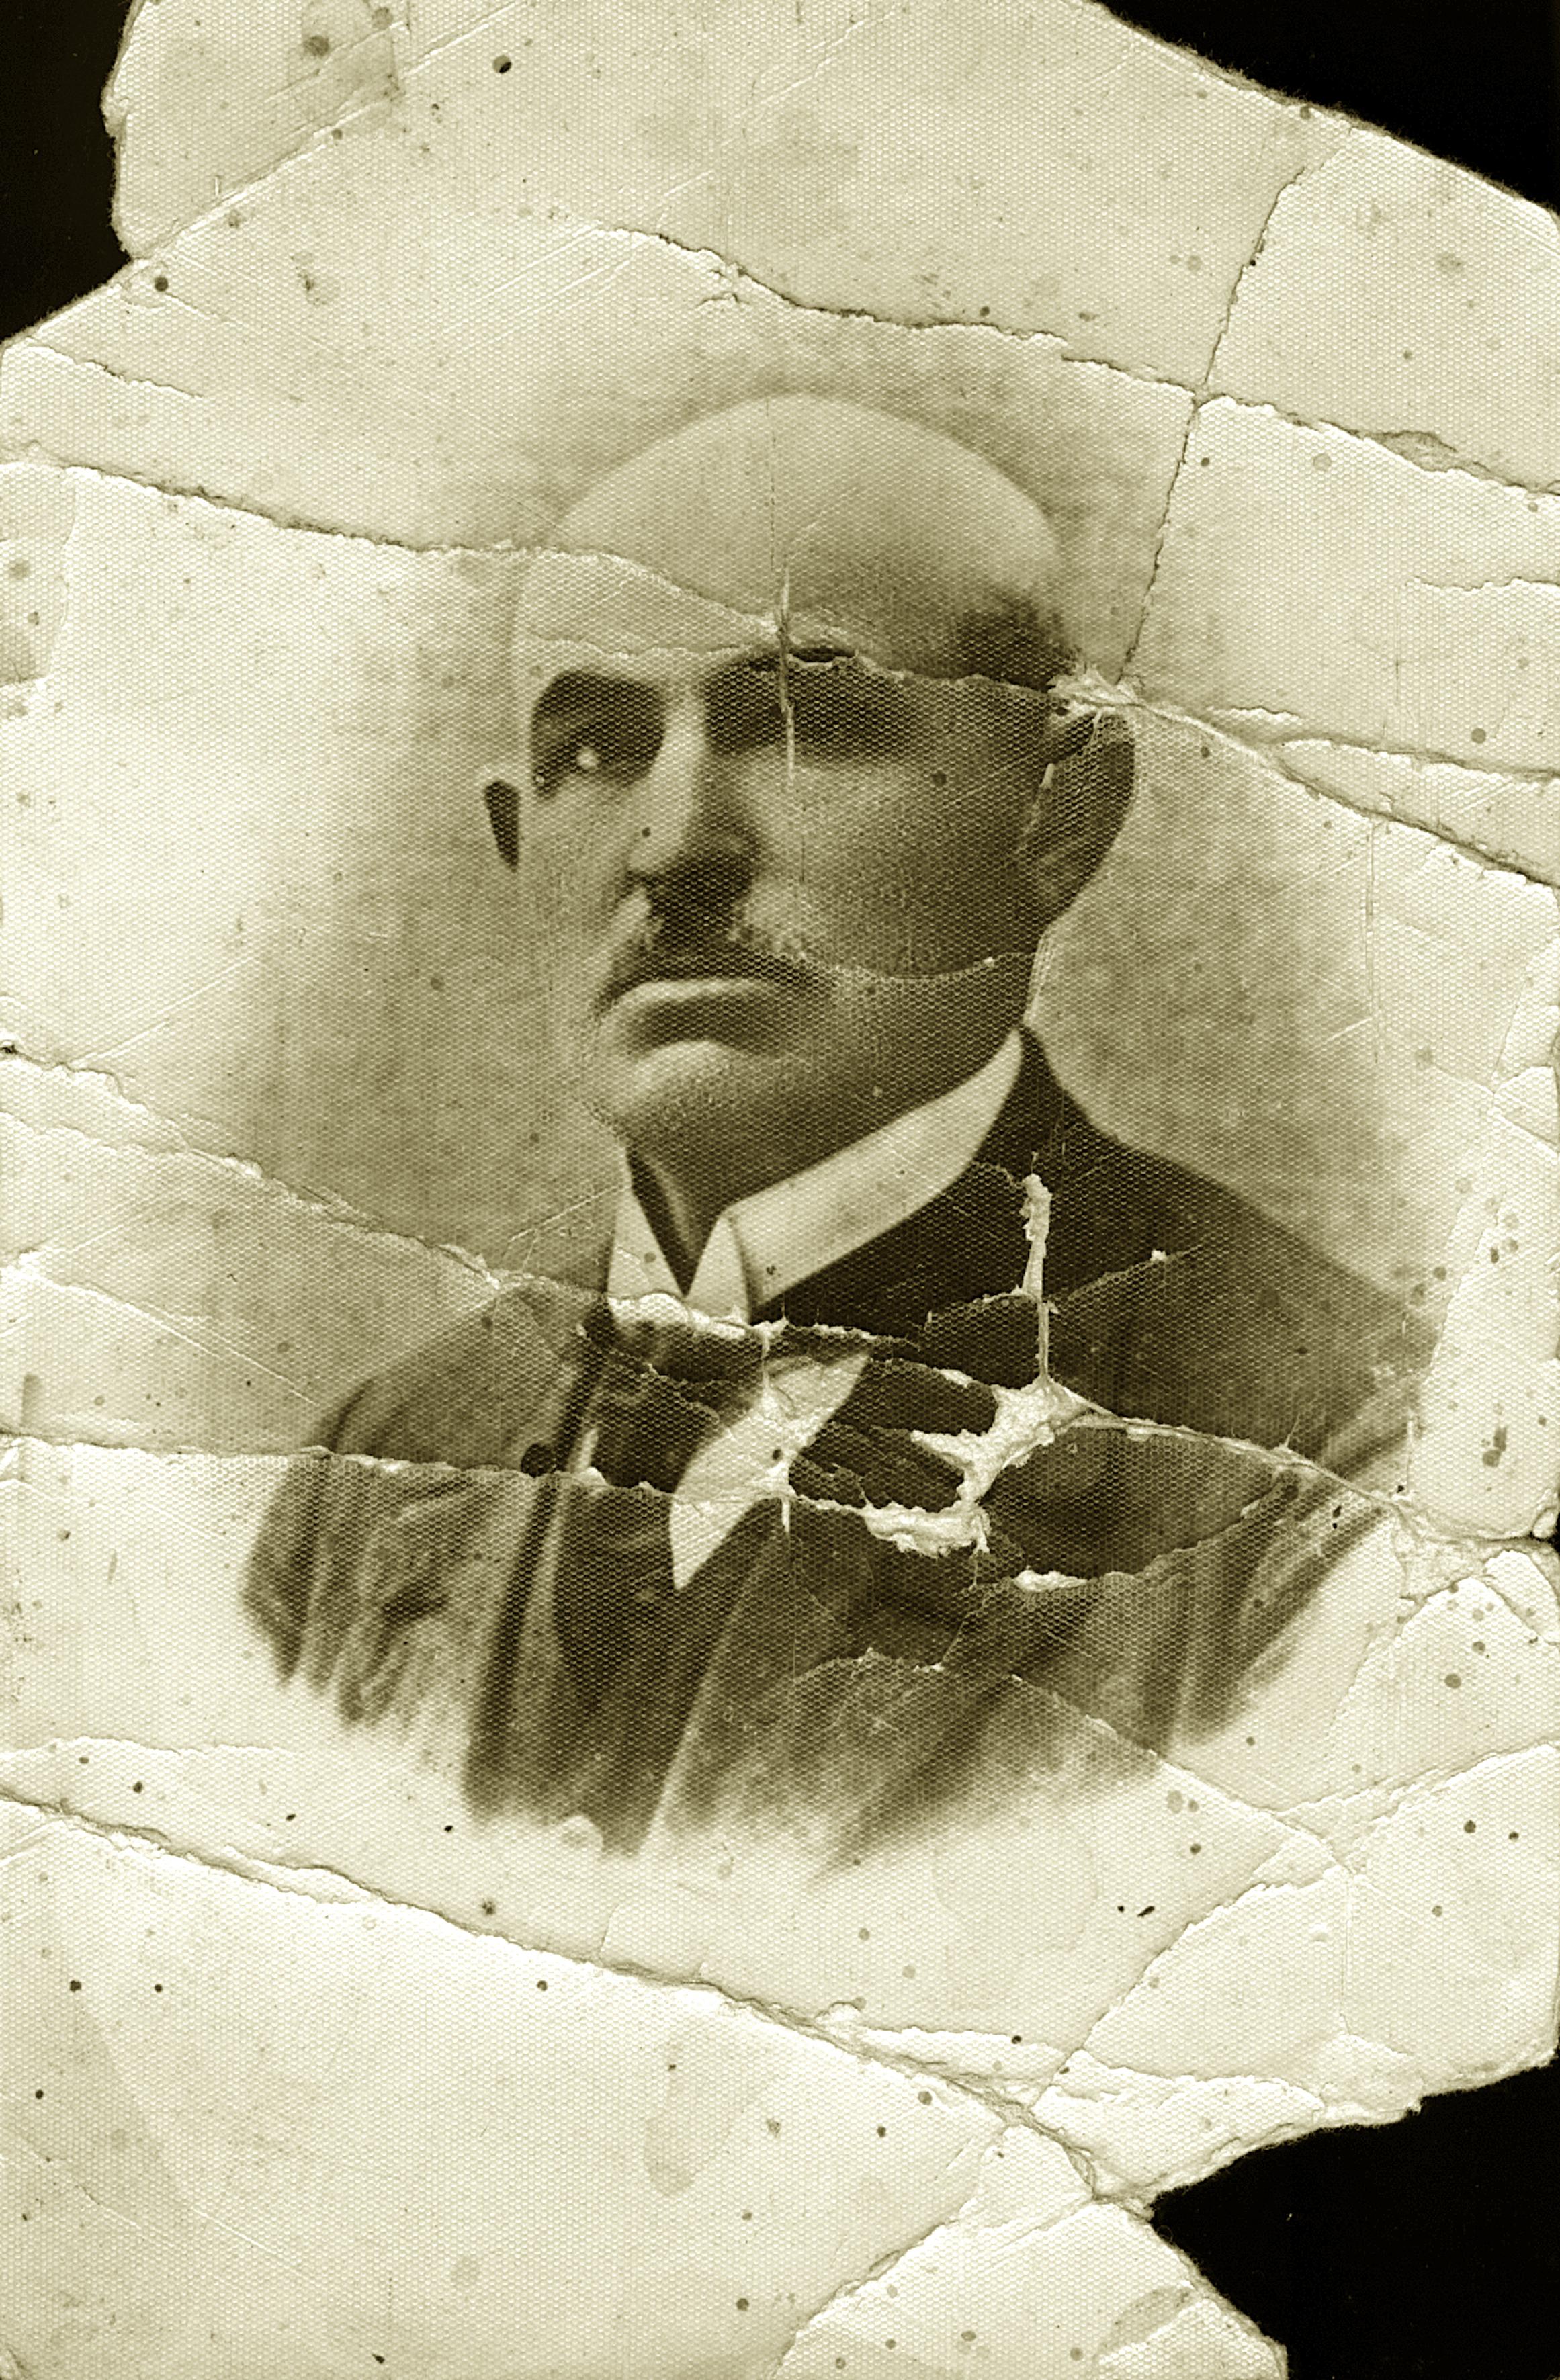 Feiwel Engler